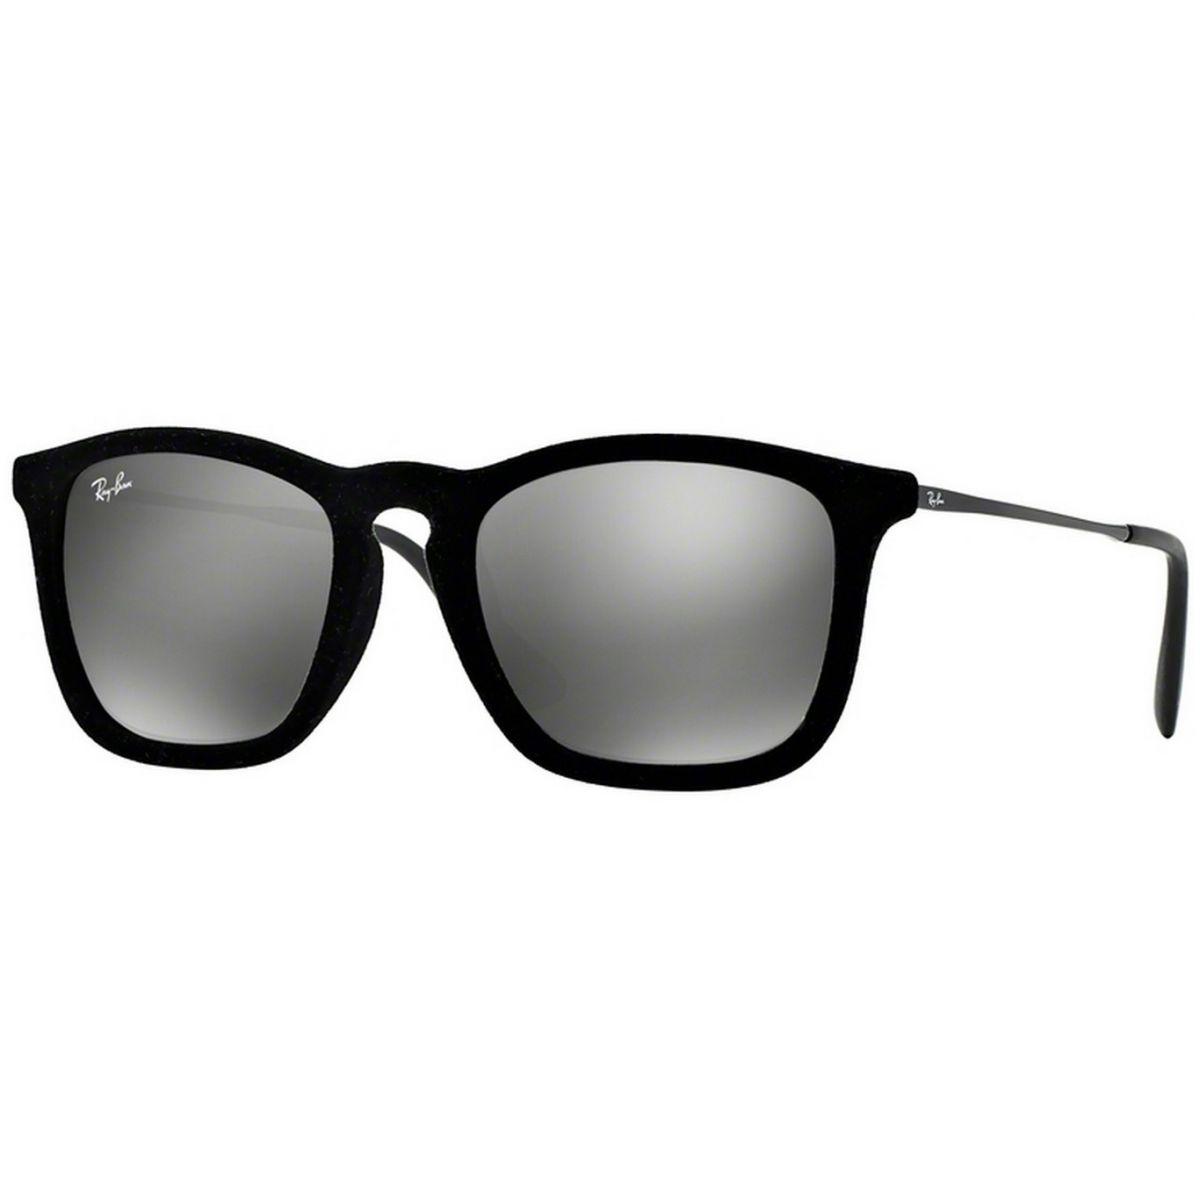 a1dd51449a15a Óculos De Sol Ray Ban Chris Veludo RB4187 60756G Tam.54Ray Ban ...